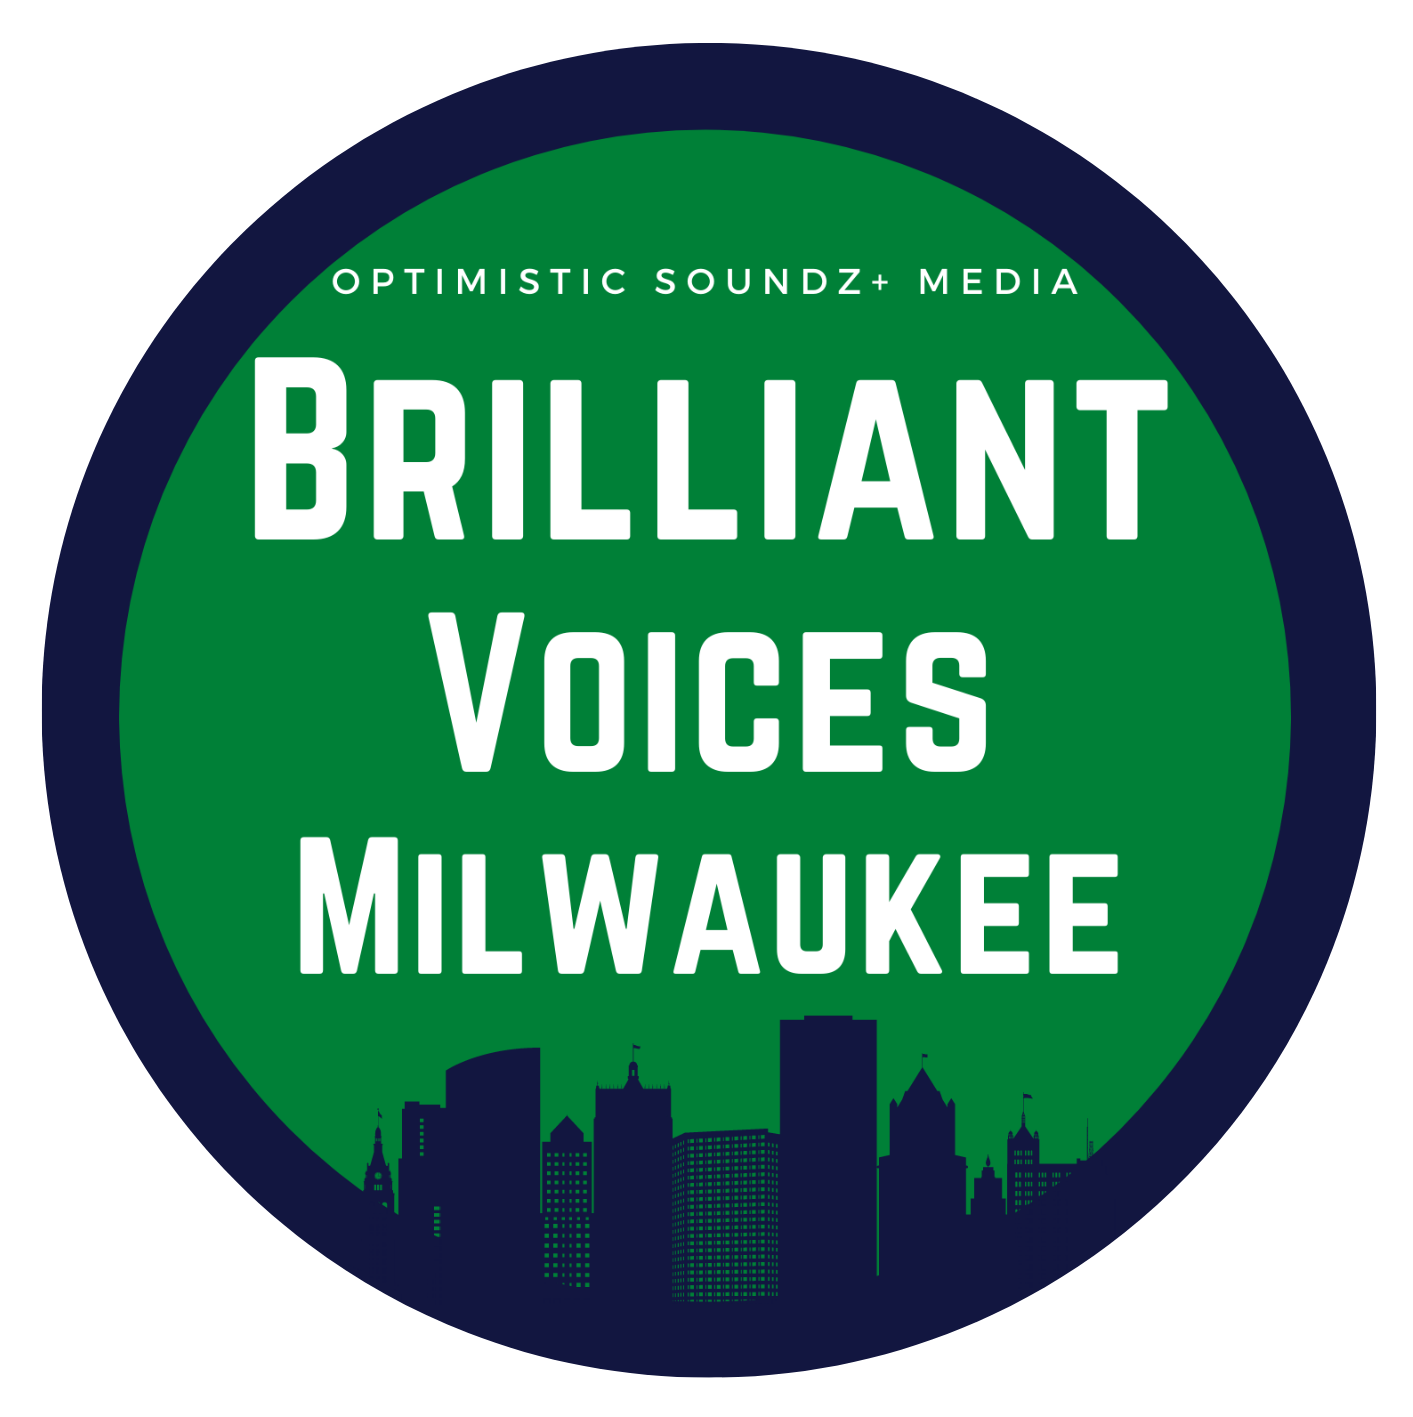 Brilliant Voices